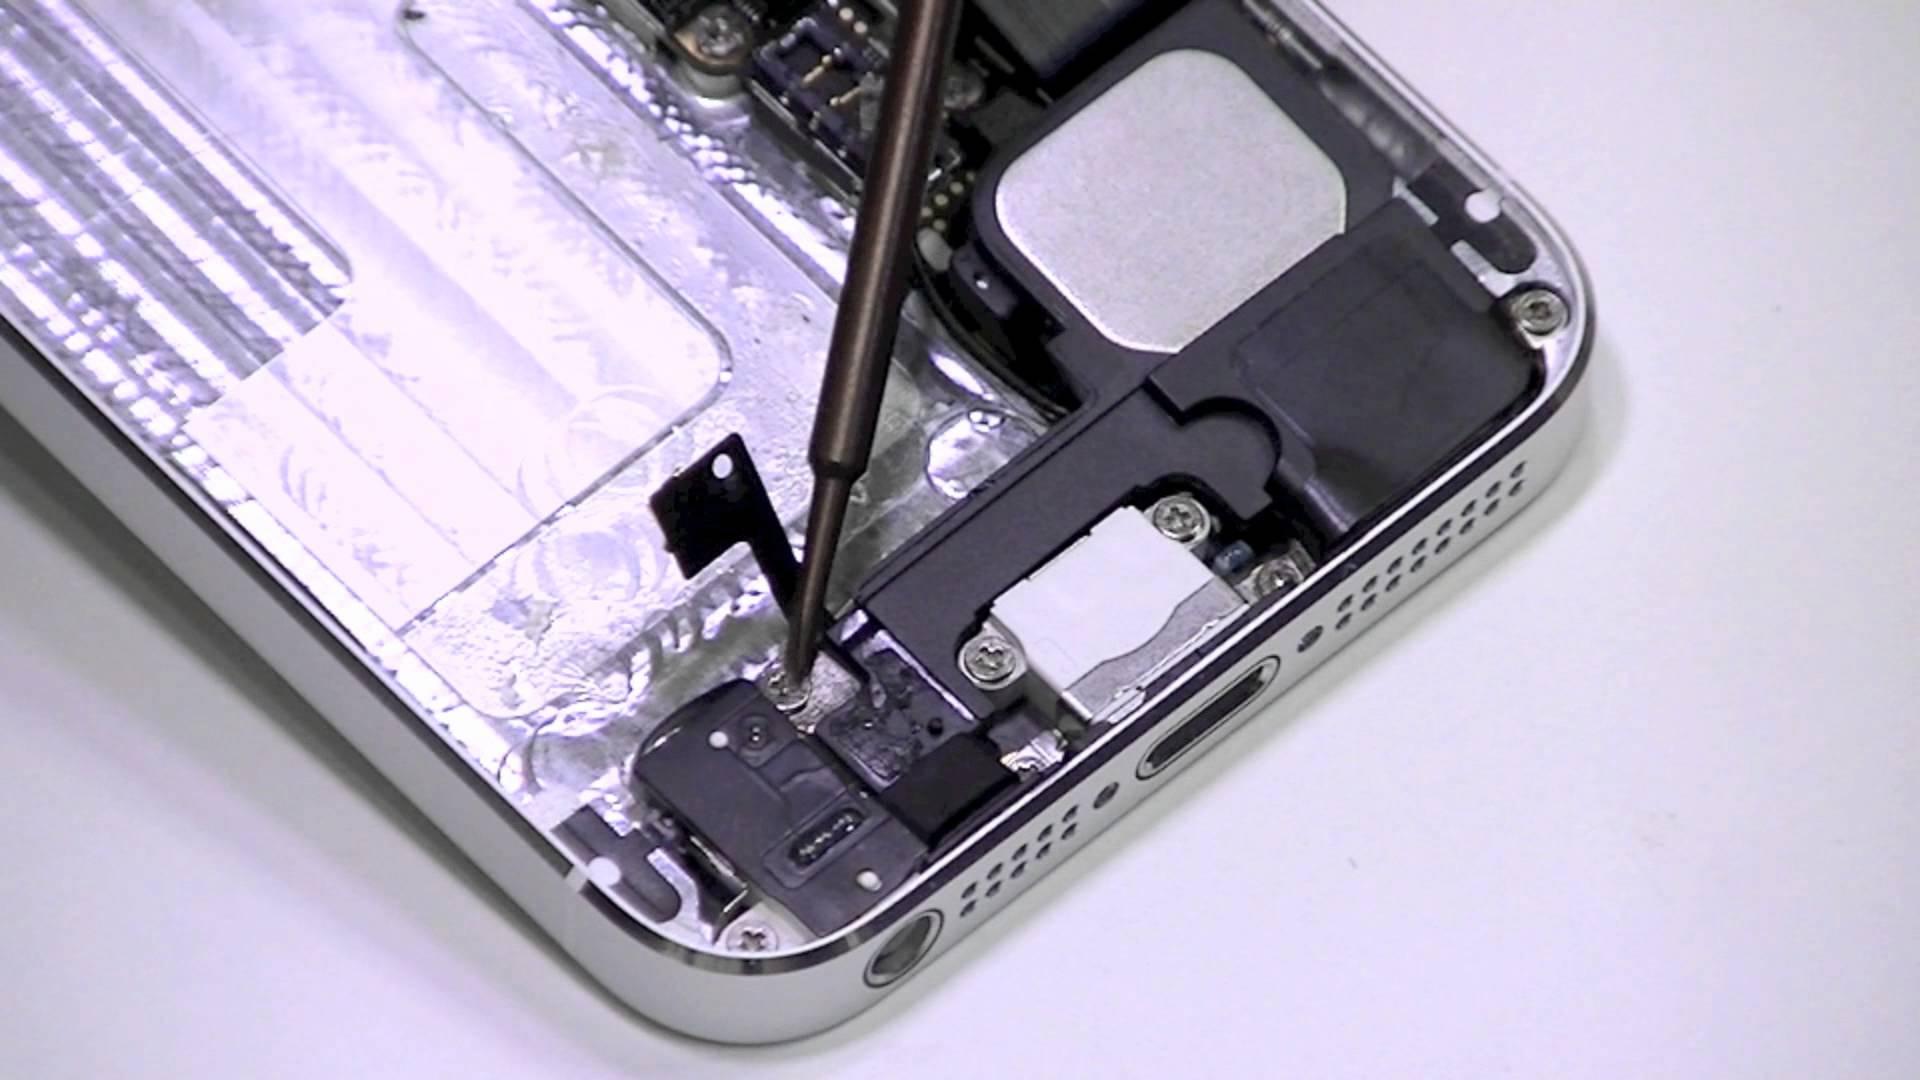 החלפת שקע טעינה לאייפון 5G